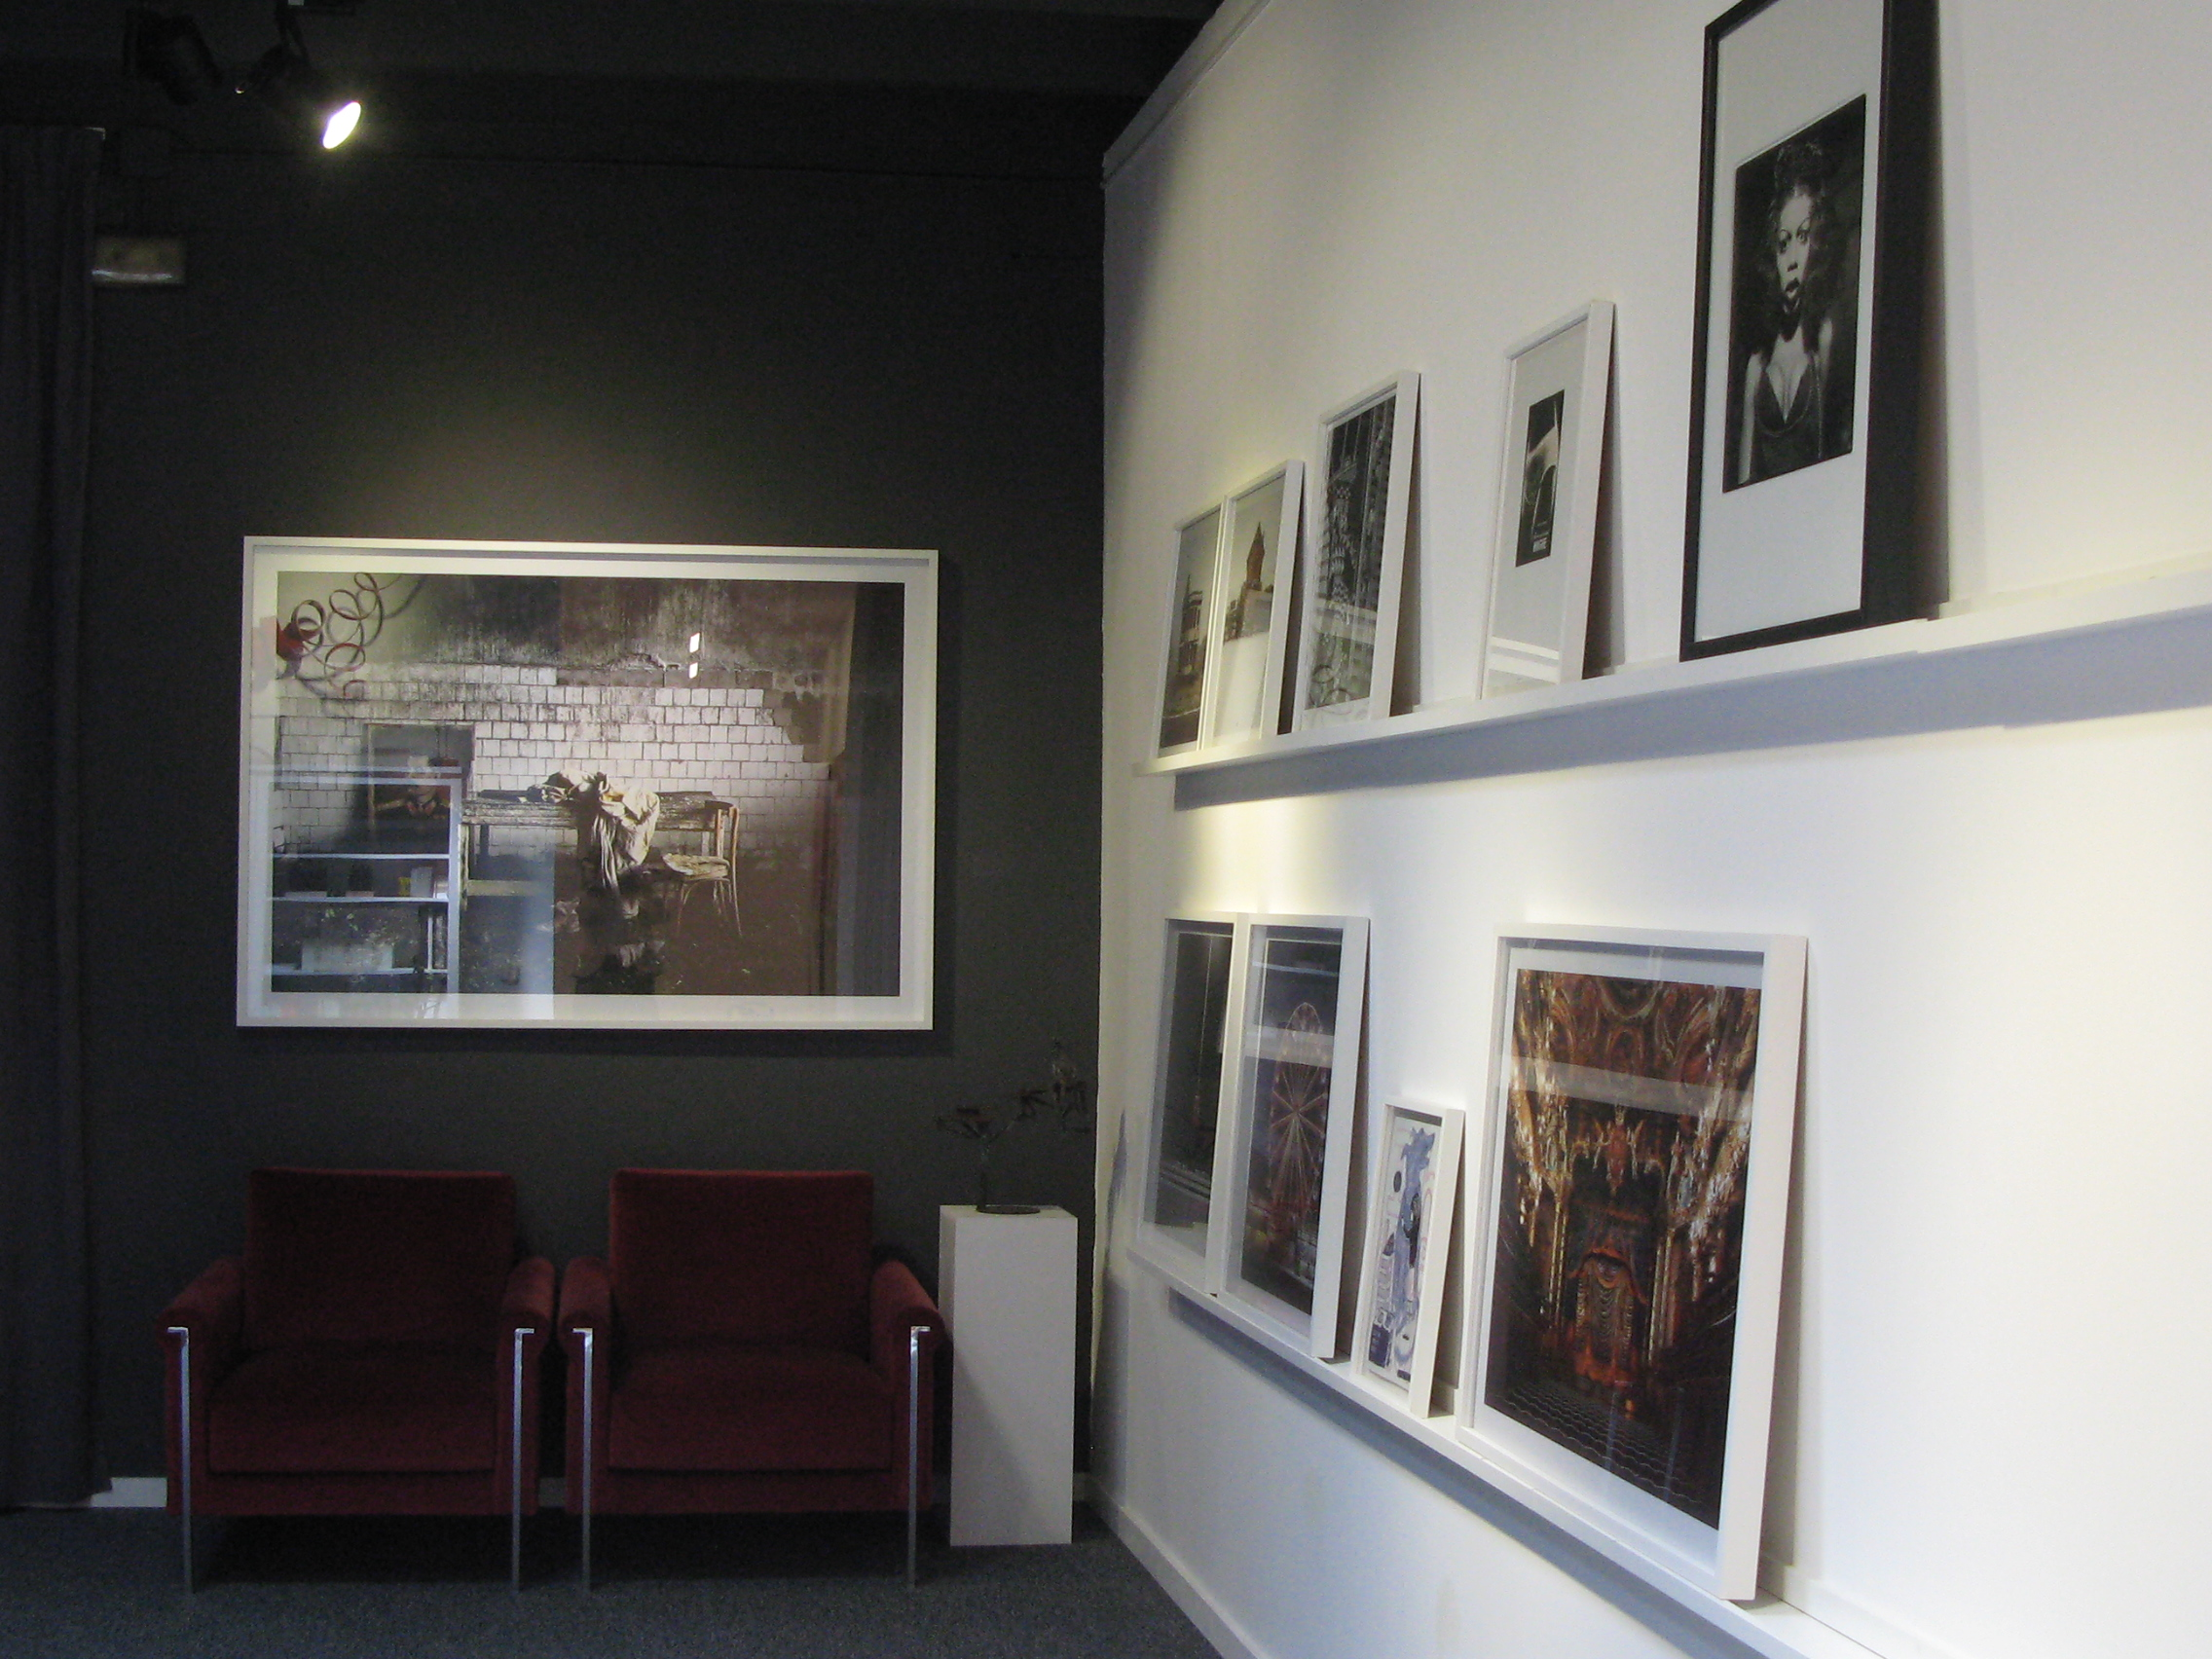 Galería Victor Lope The Lounge -fotografía.JPG